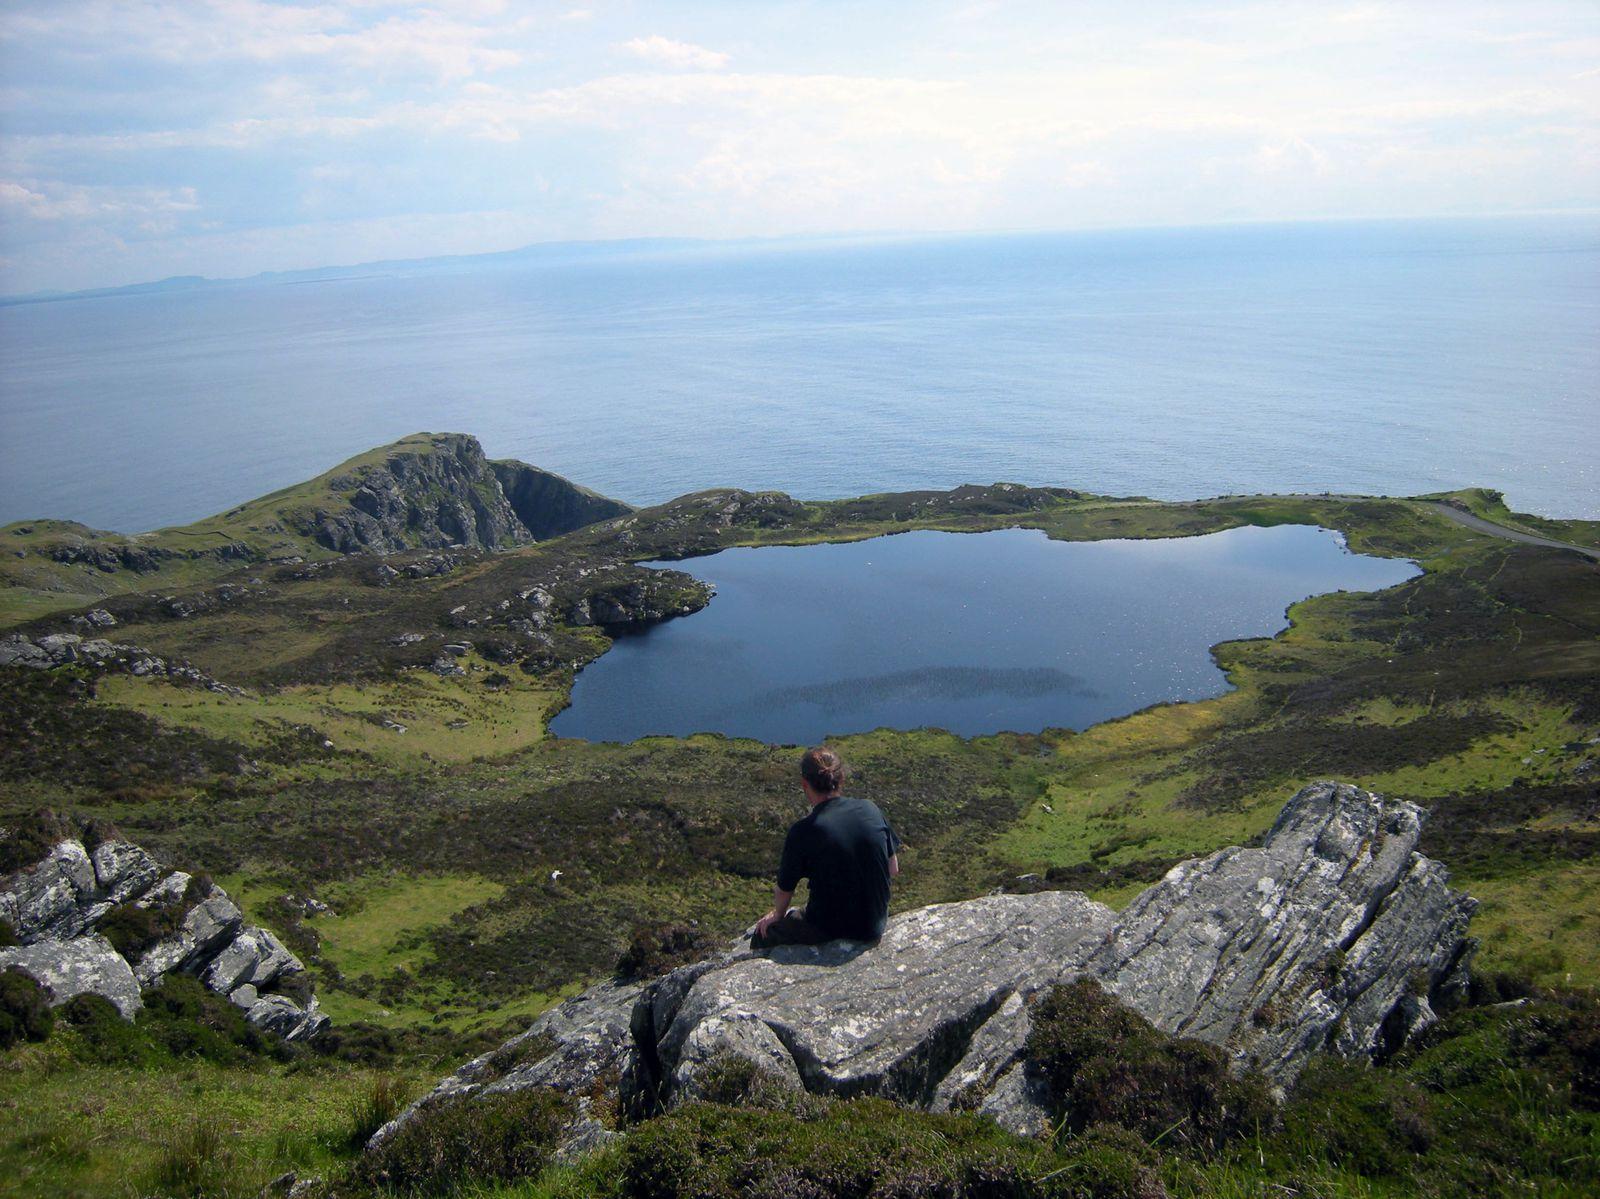 La tombe mégalithique est sur la deuxième photo et sur l'une des suivantes il y a un géant de profil, on n'est pas en Irlande pour rien, hein!